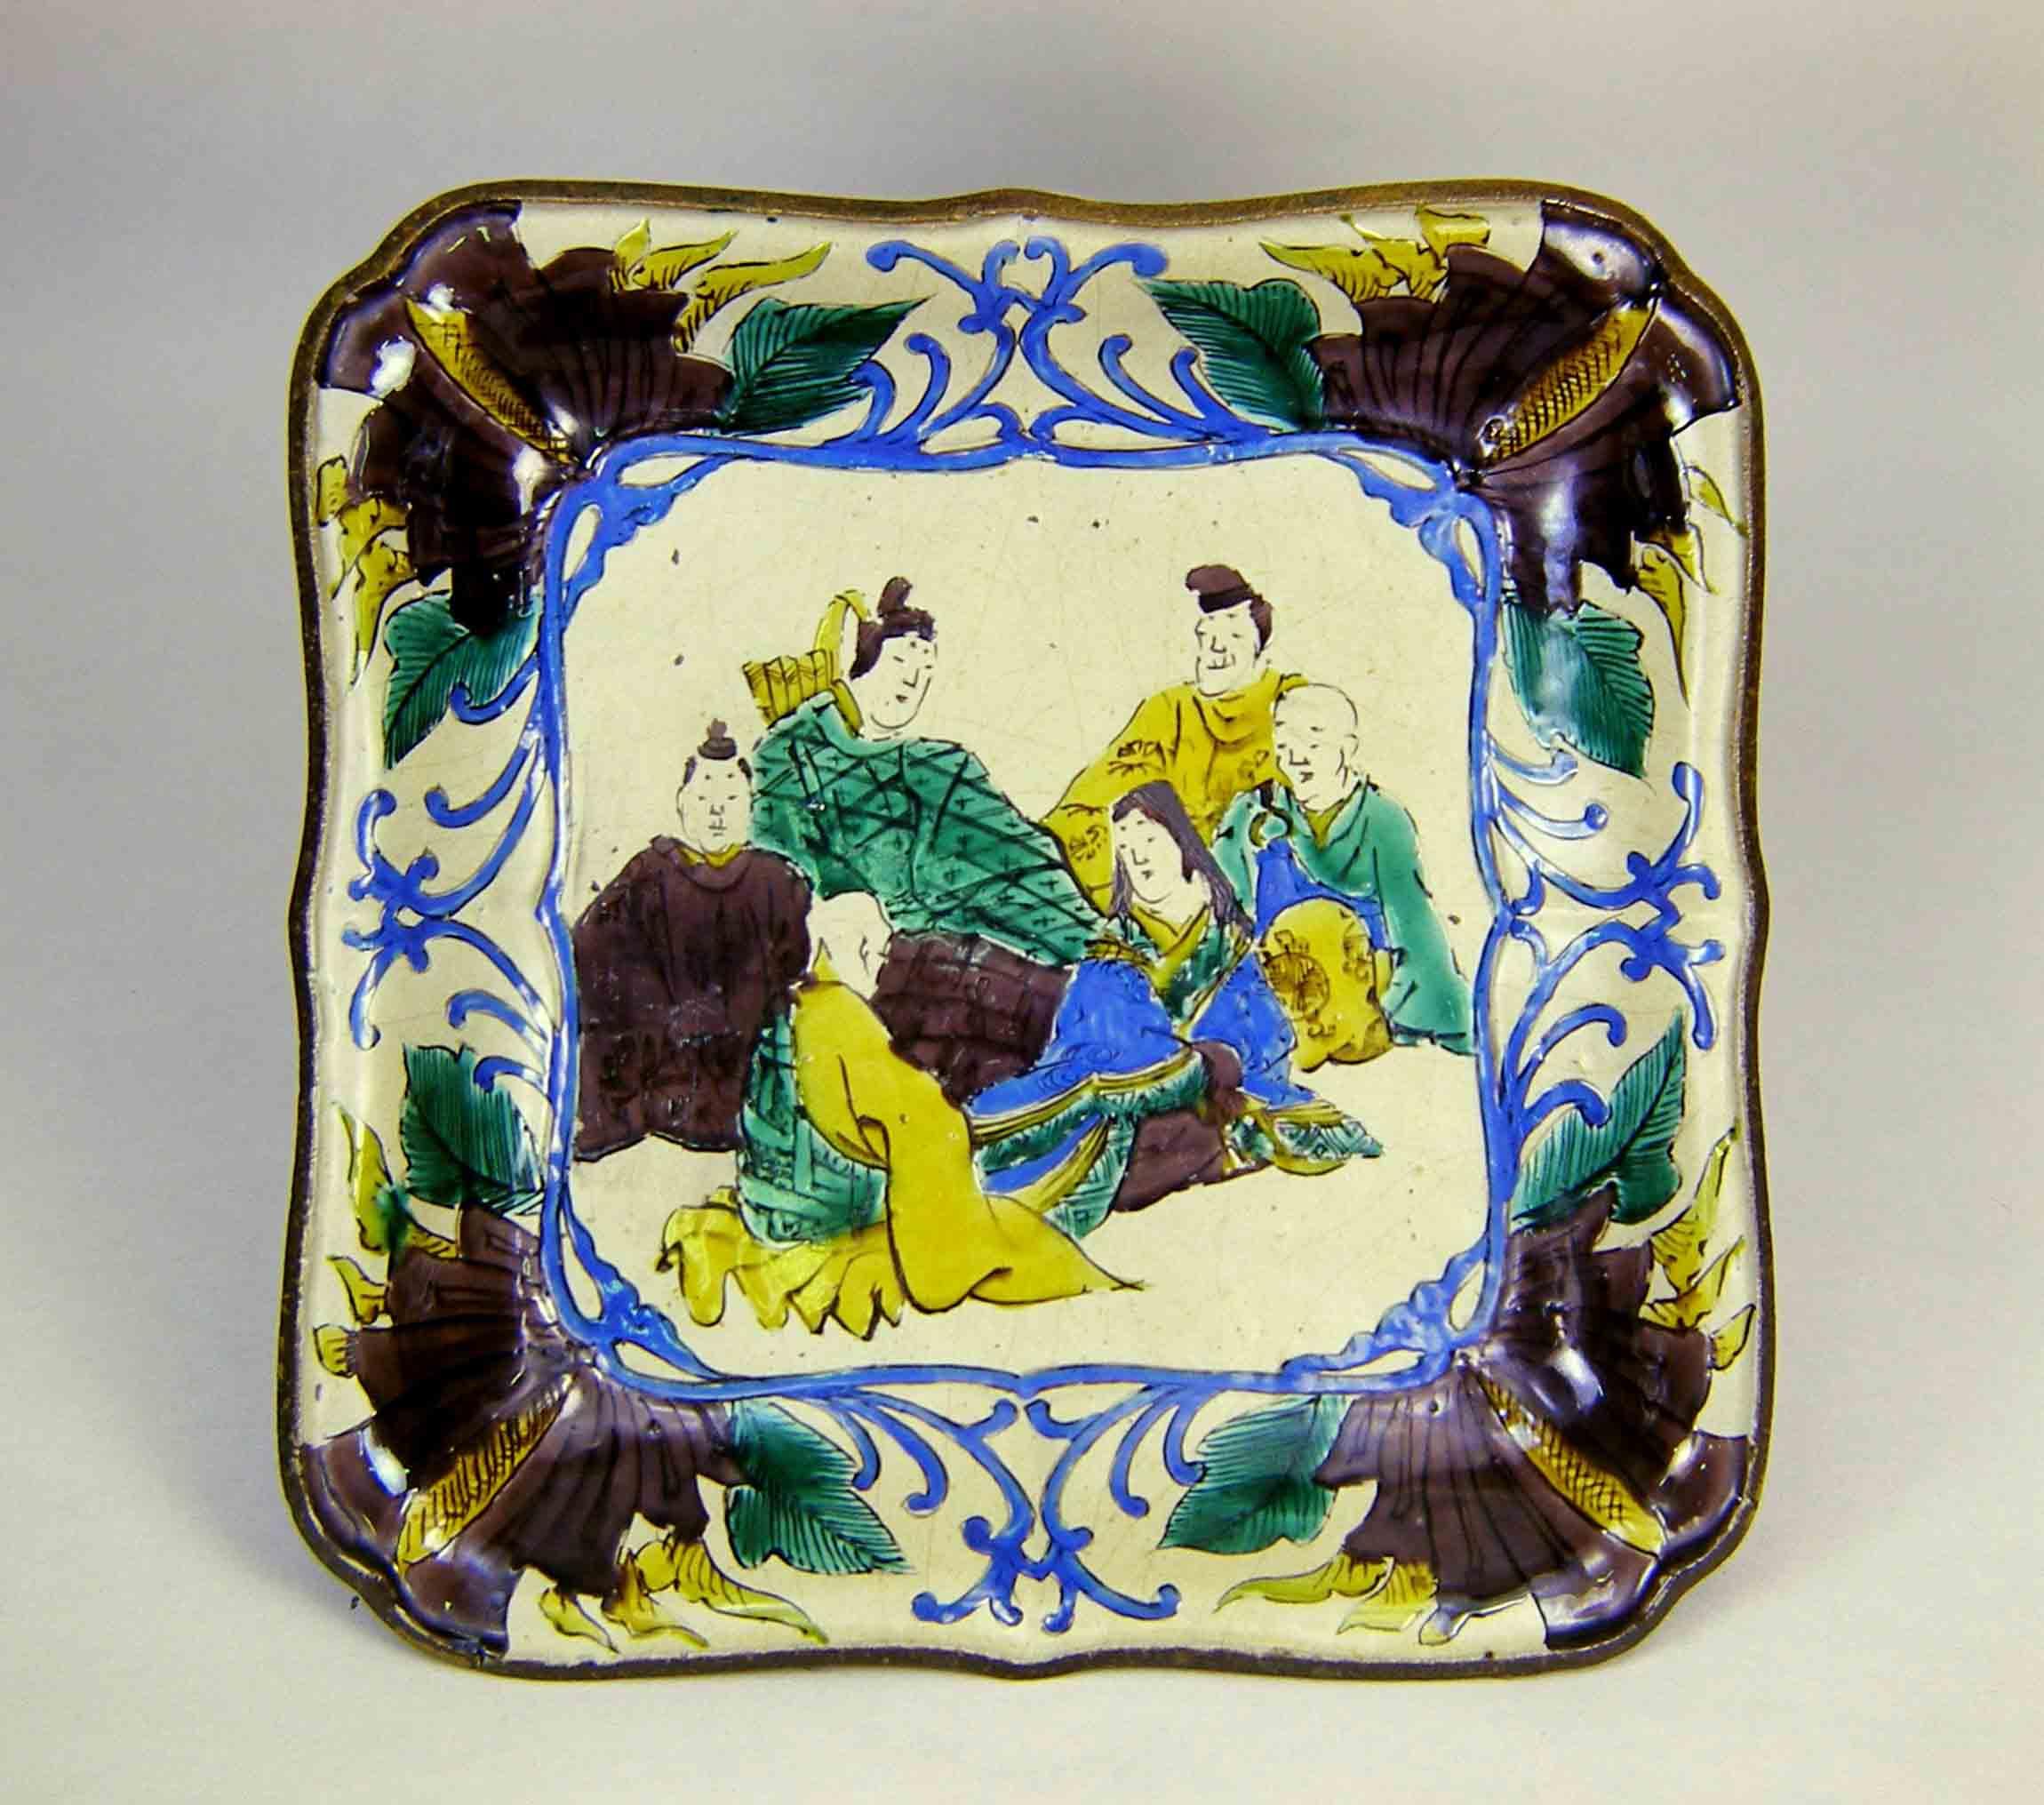 吉田屋窯 六歌仙図額鉢 (石川県九谷焼美術館 蔵)